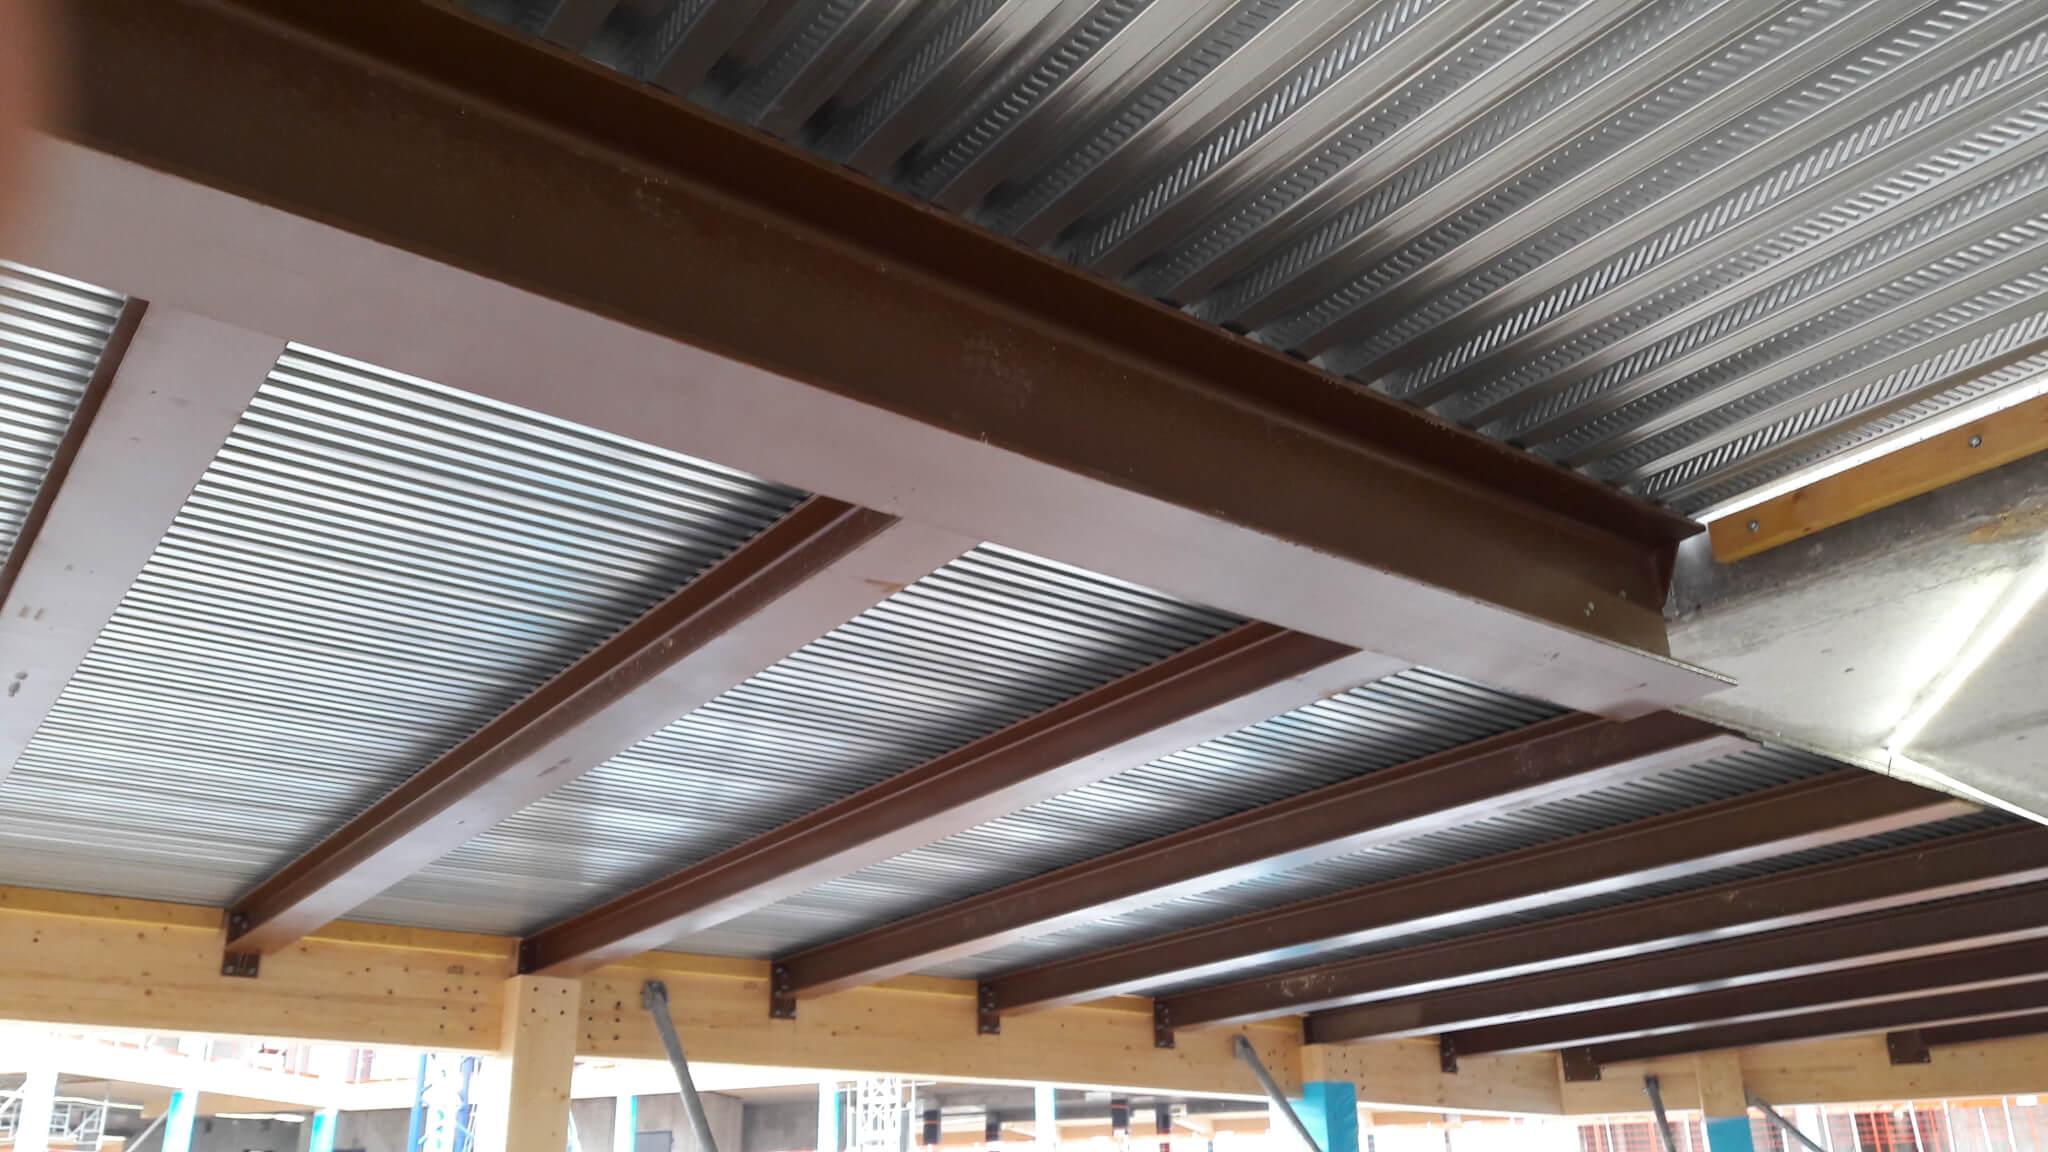 LEWIS-ARBONIS-planchers-vue-du-dessous chantier nanterre